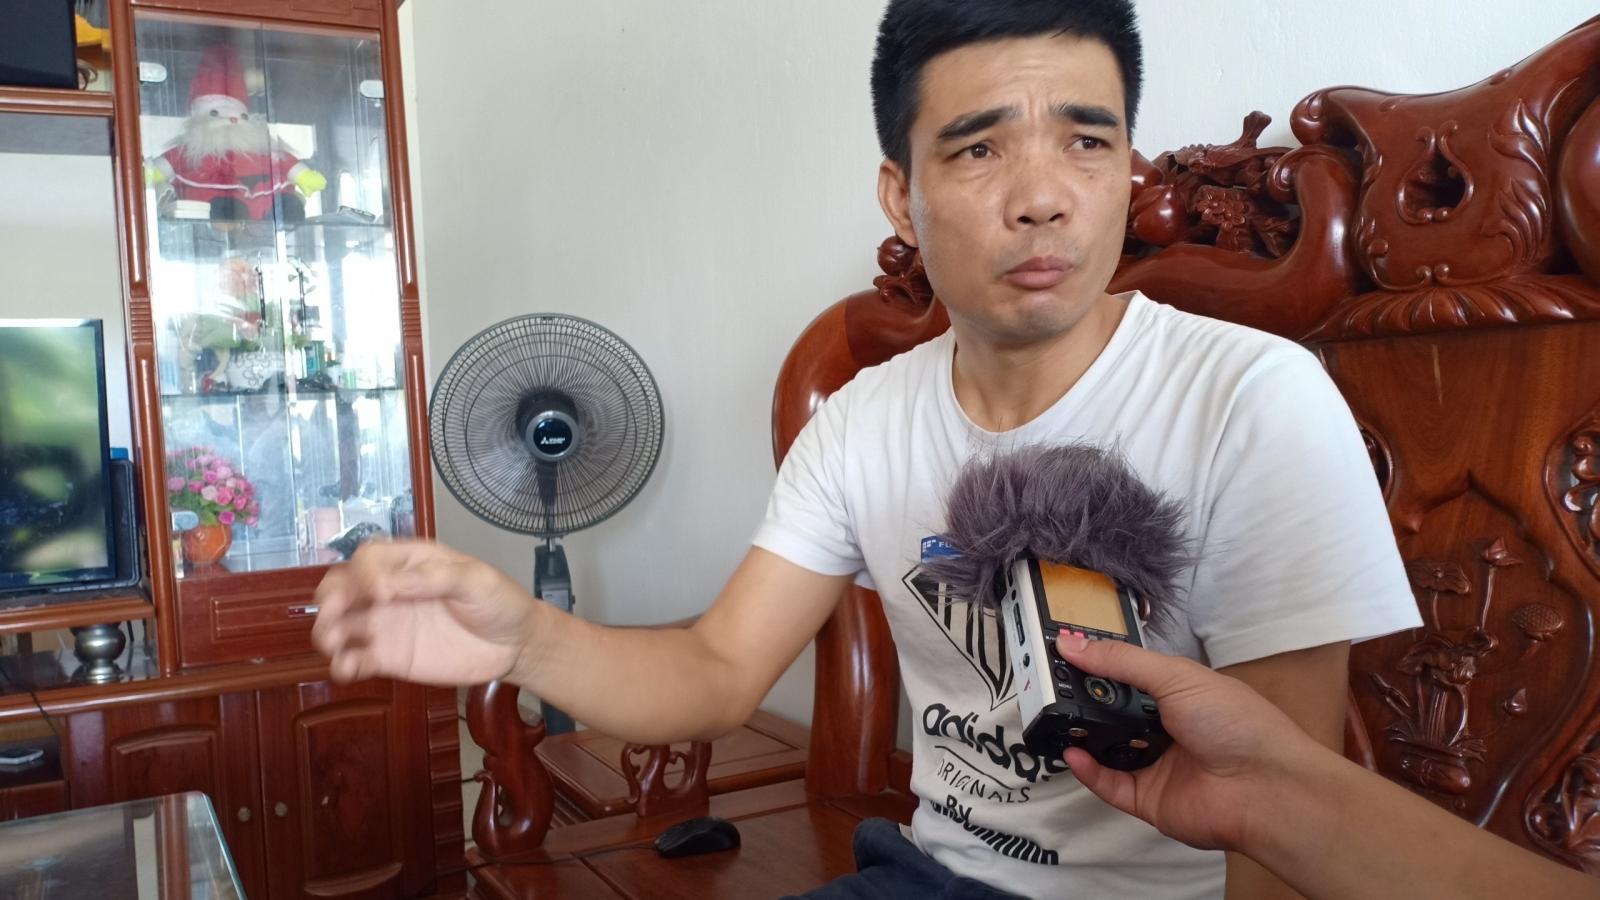 Nước máy ở Quảng Ninh nhiễm bẩn, ai bồi hoàn sức khỏe người dân?